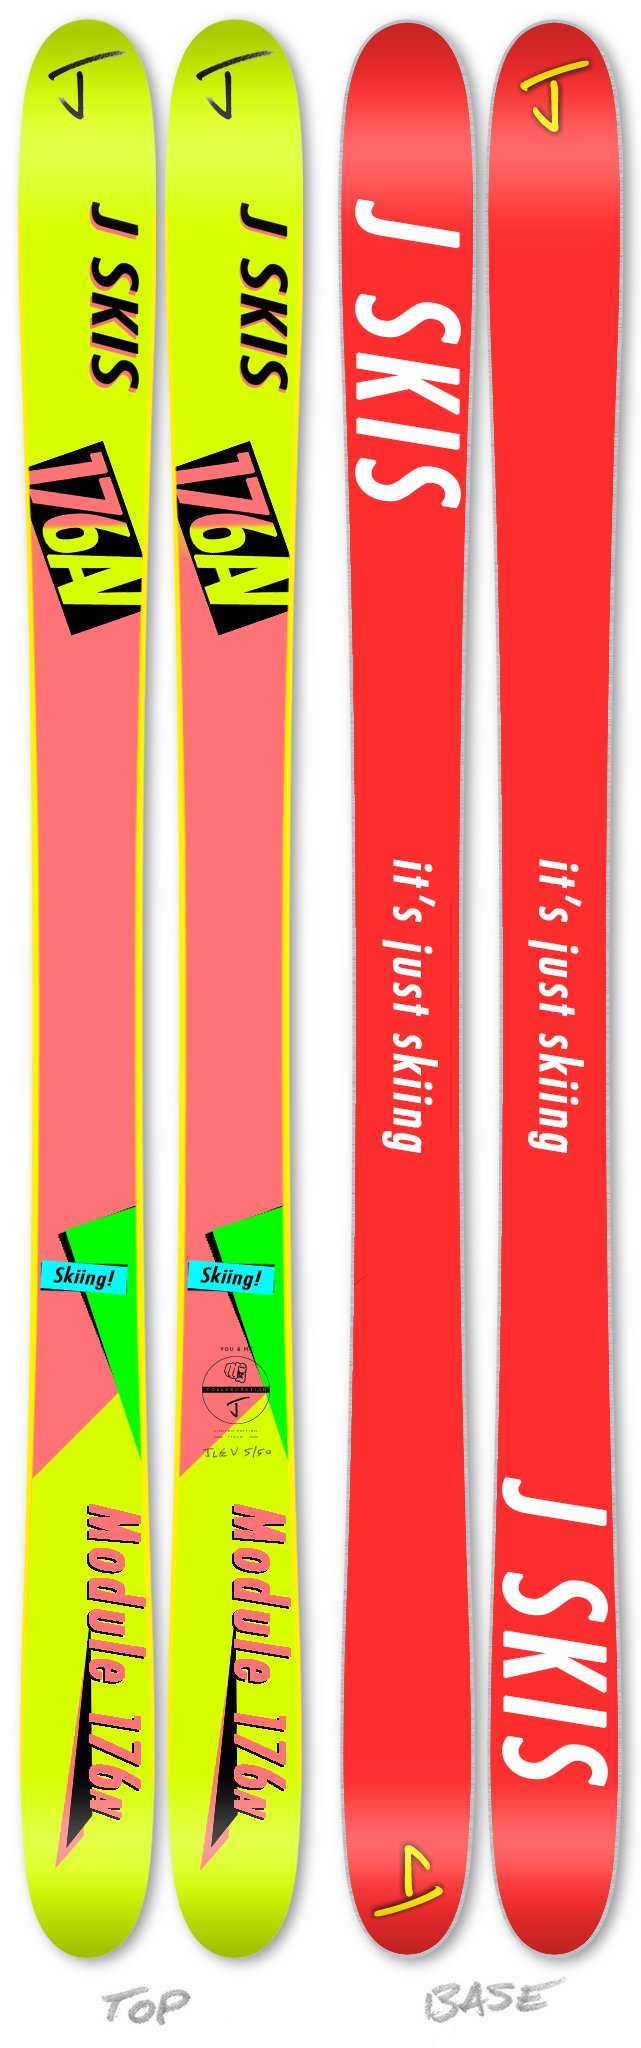 J Skis X You Design - Retrofied